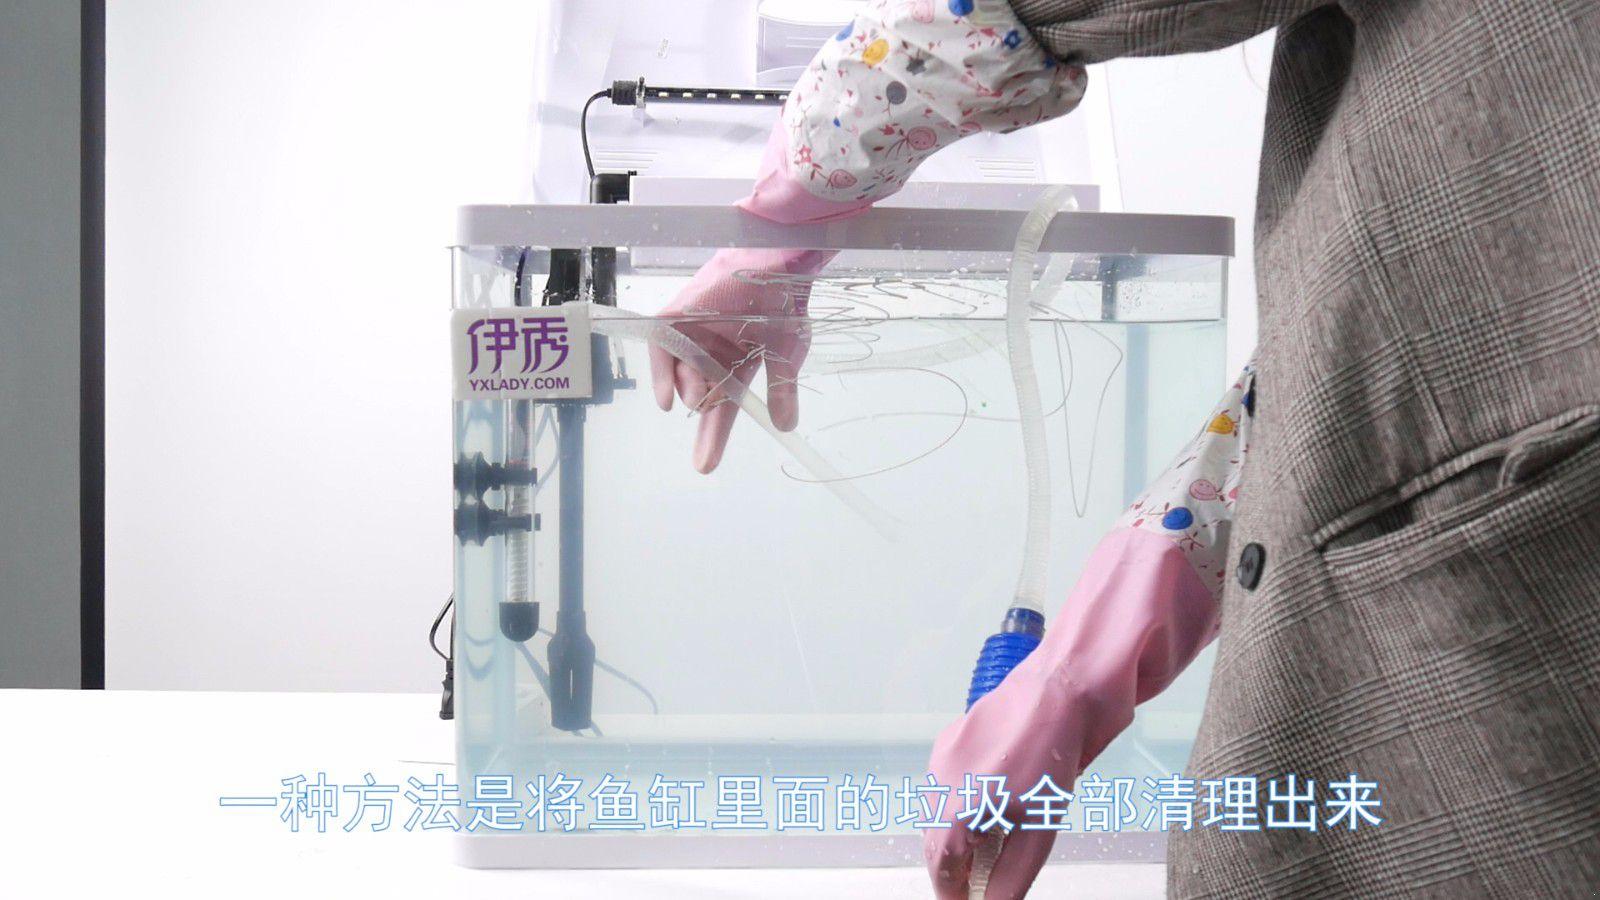 清理鱼缸的鱼种类_鱼缸底部鱼屎怎么清理 两种办法不妨试一试_伊秀视频|yxlady.com